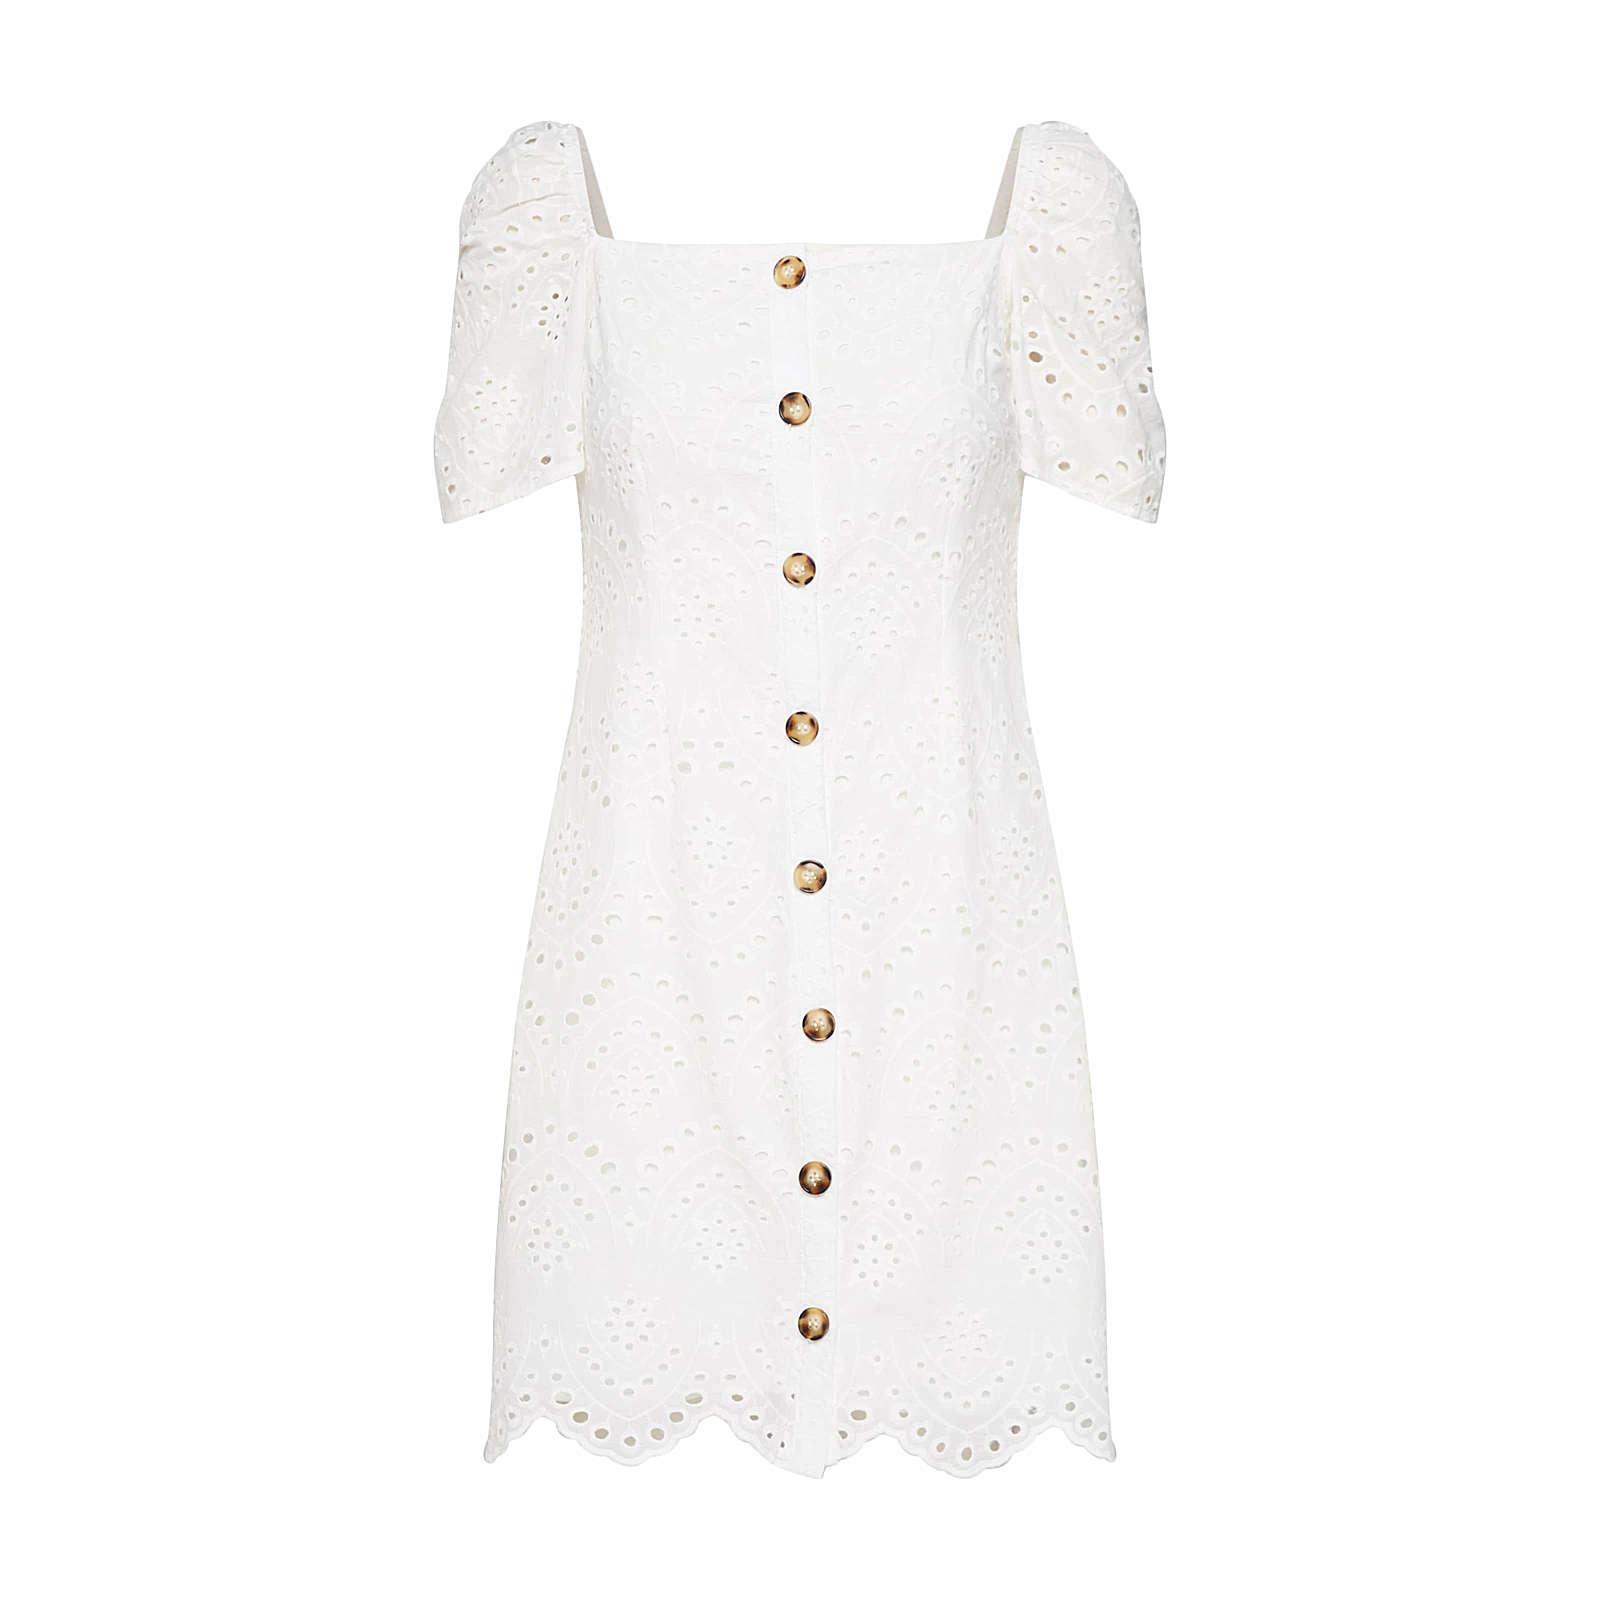 Missguided Sommerkleid Sommerkleider weiß Damen Gr. 42